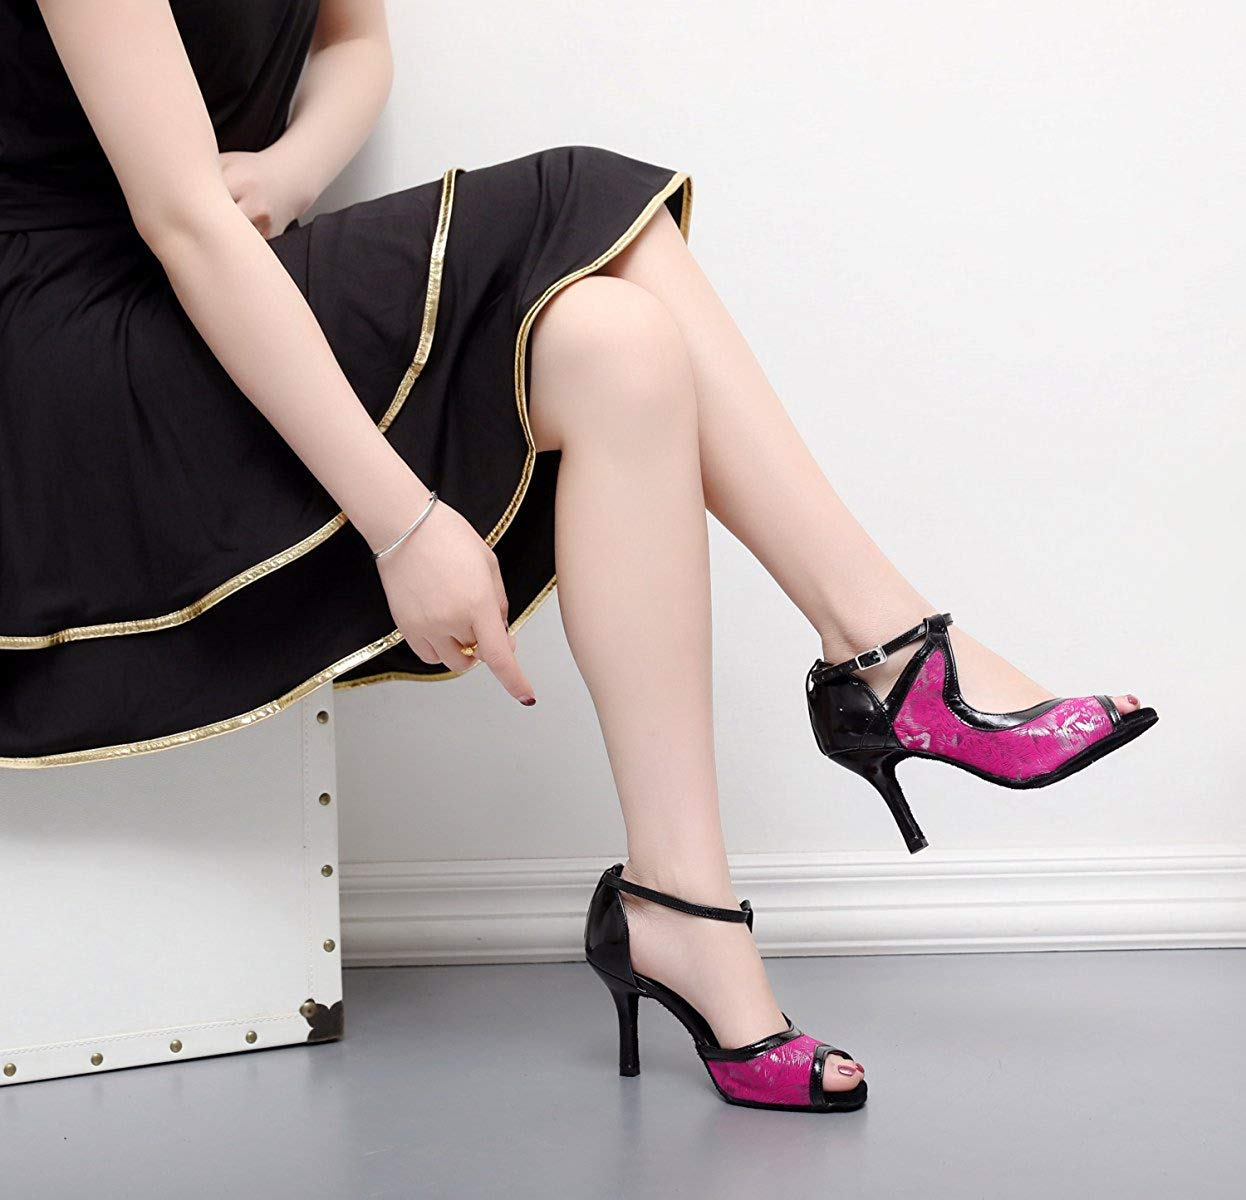 HhGold Lateinamerikanische Tanzschuhe Tanzschuhe Tanzschuhe für Damen Salsa Tango Chacha Samba Modern Jazz Schuhe Sandalen Hohe Absätze Rosa Absatz7.5cm-DE2.5   EU32   Our33 3dfbf1